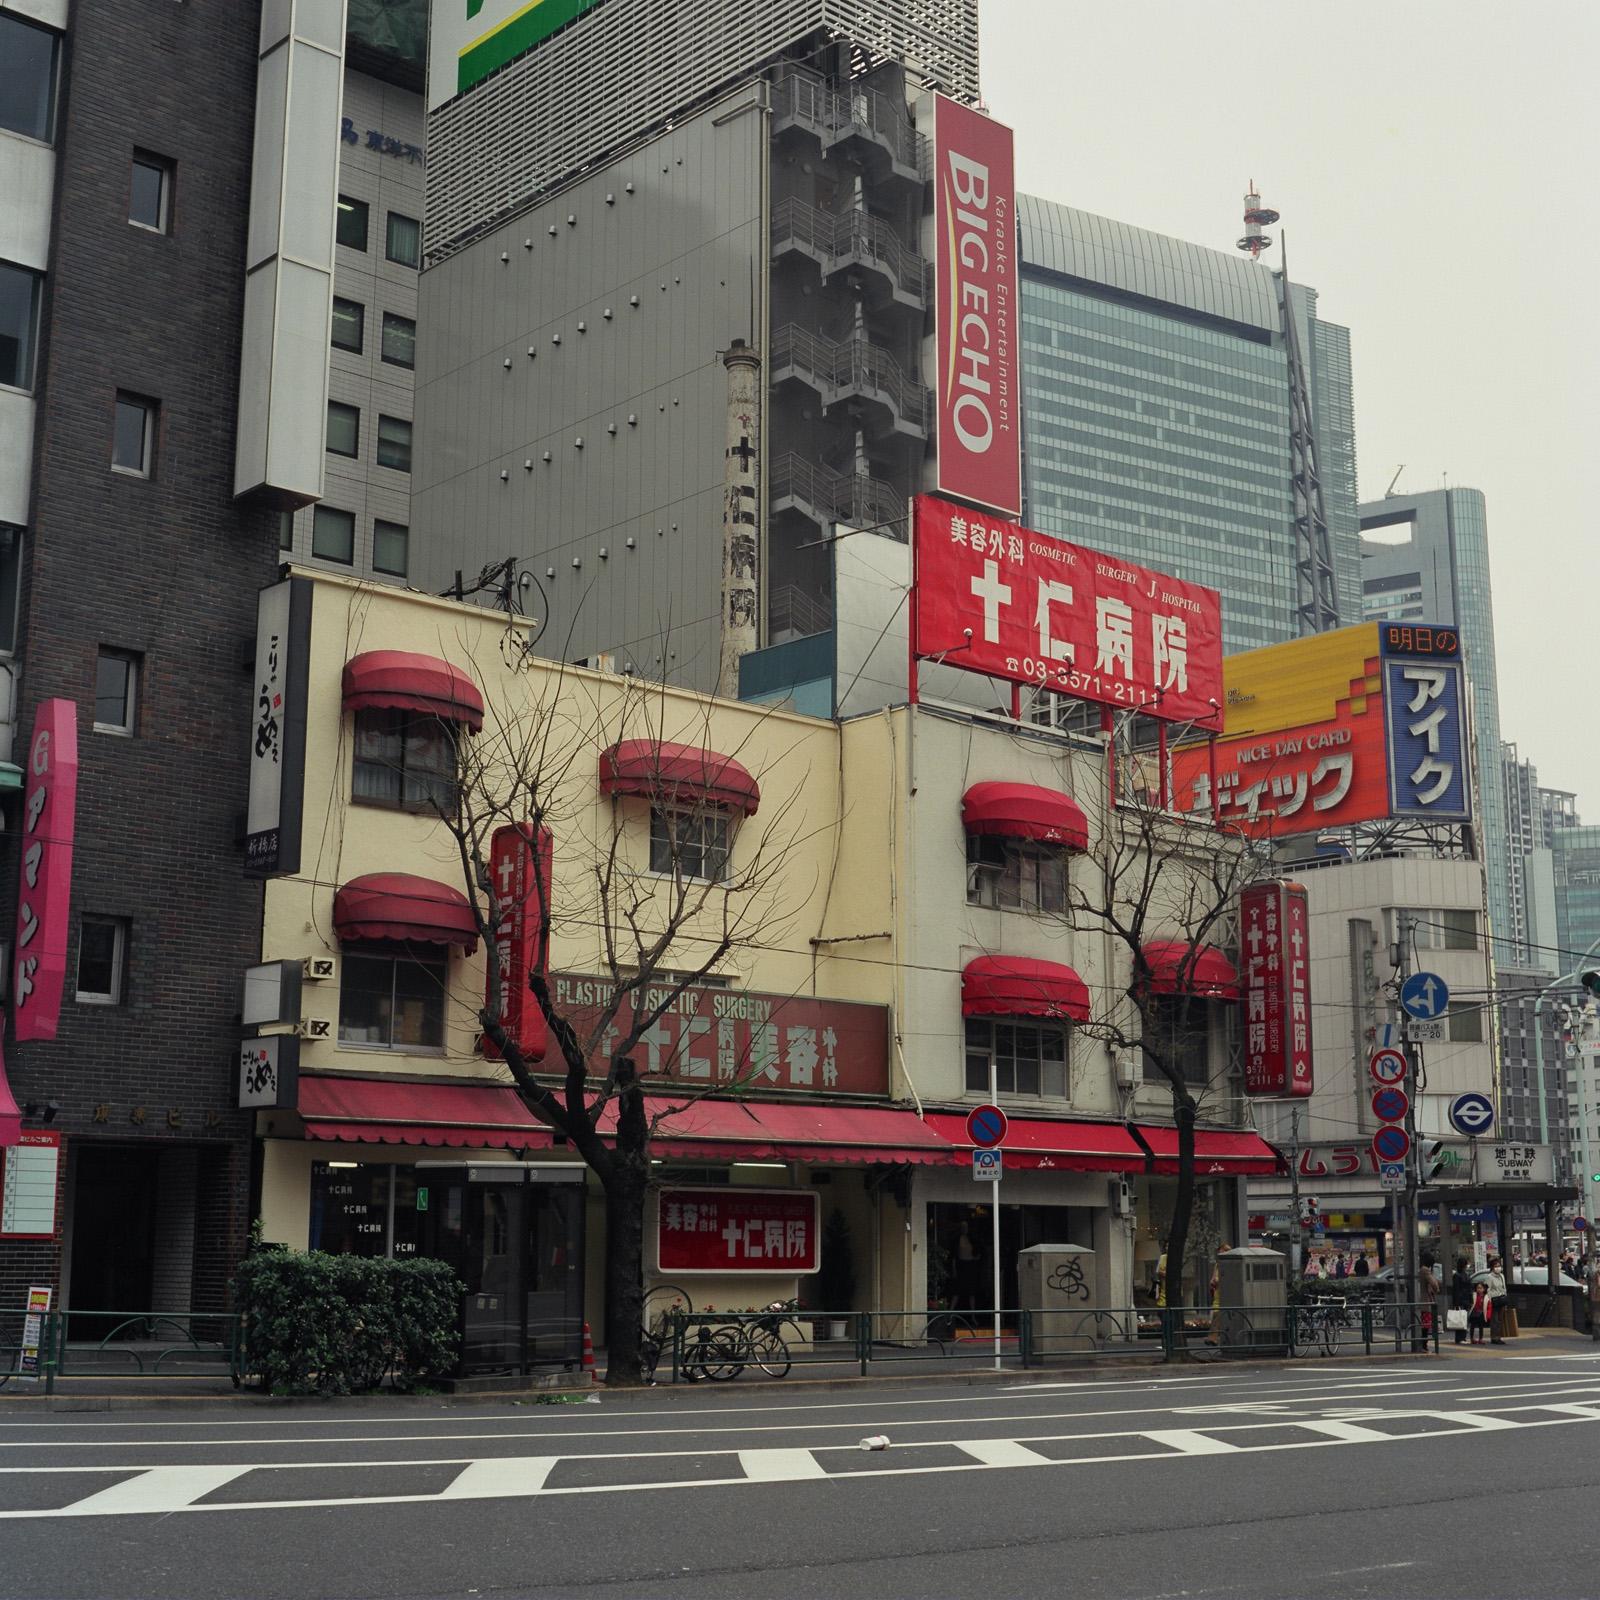 029 新橋駅銀座口「十仁病院」 中央区新橋1-12-5 20030329(03.14.04)